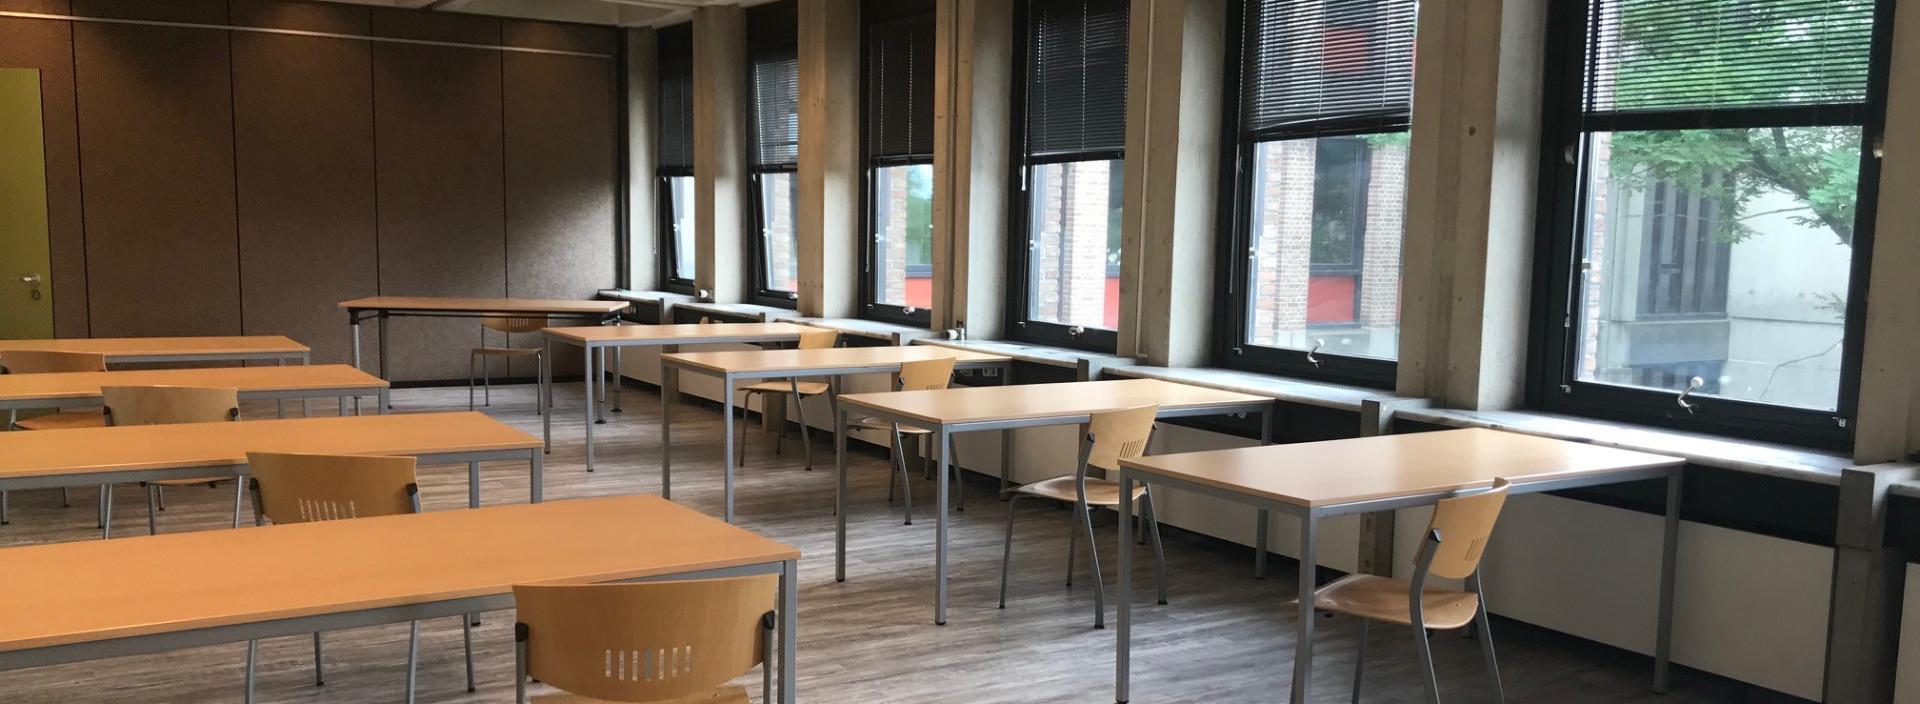 Huur vandaag nog een van de vier leslokalen in Carbon6 voor vergaderingen en andere activiteiten in Carbon6